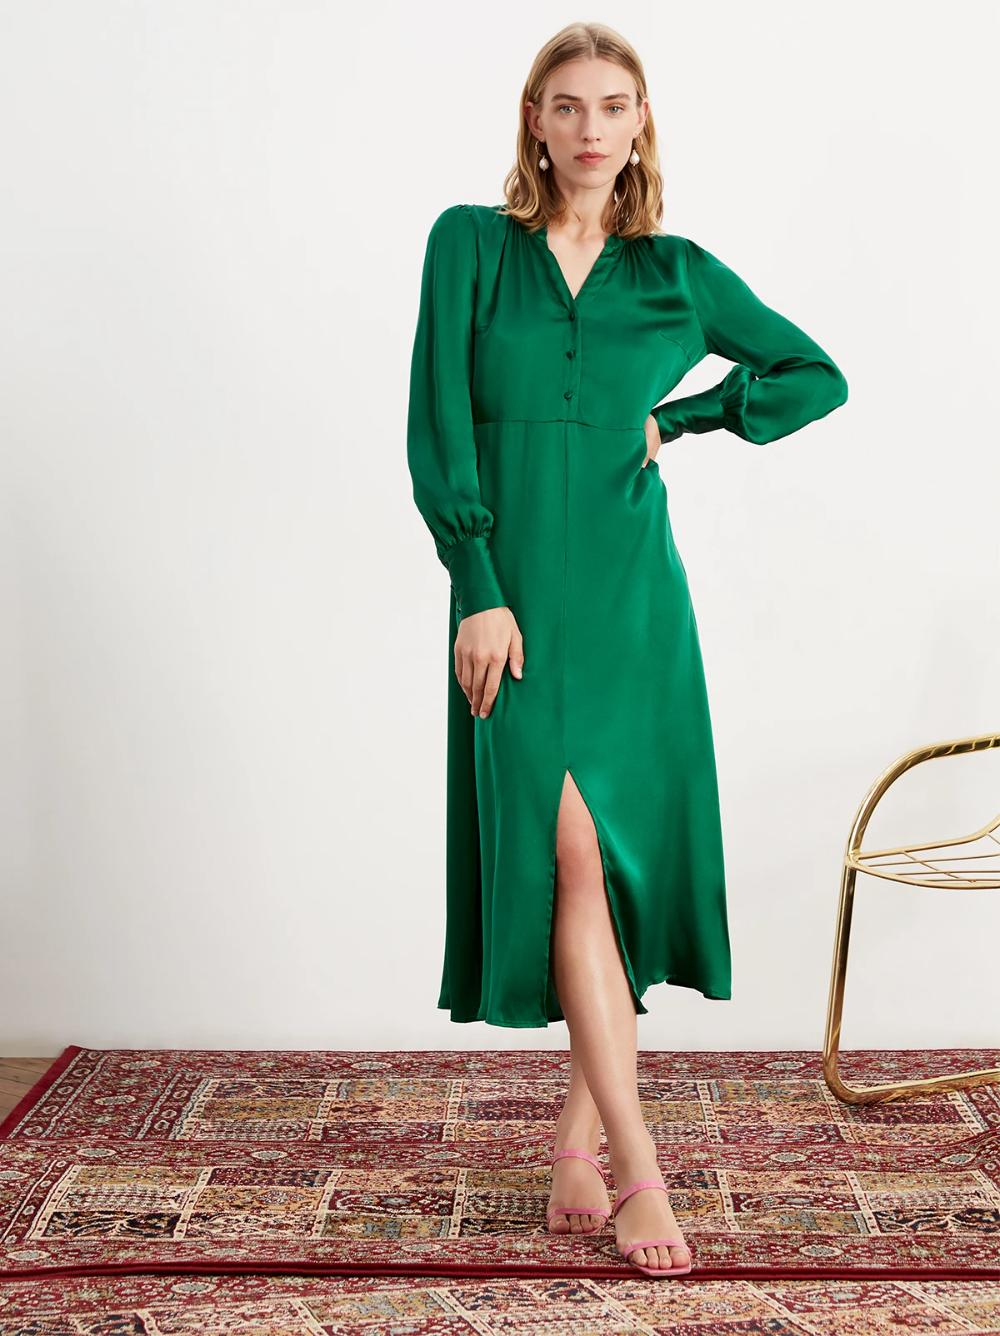 Mindy Green Silk Midi Dress Silk Midi Dress Midi Dress Long Sleeve Dress Outfit [ 1336 x 1000 Pixel ]